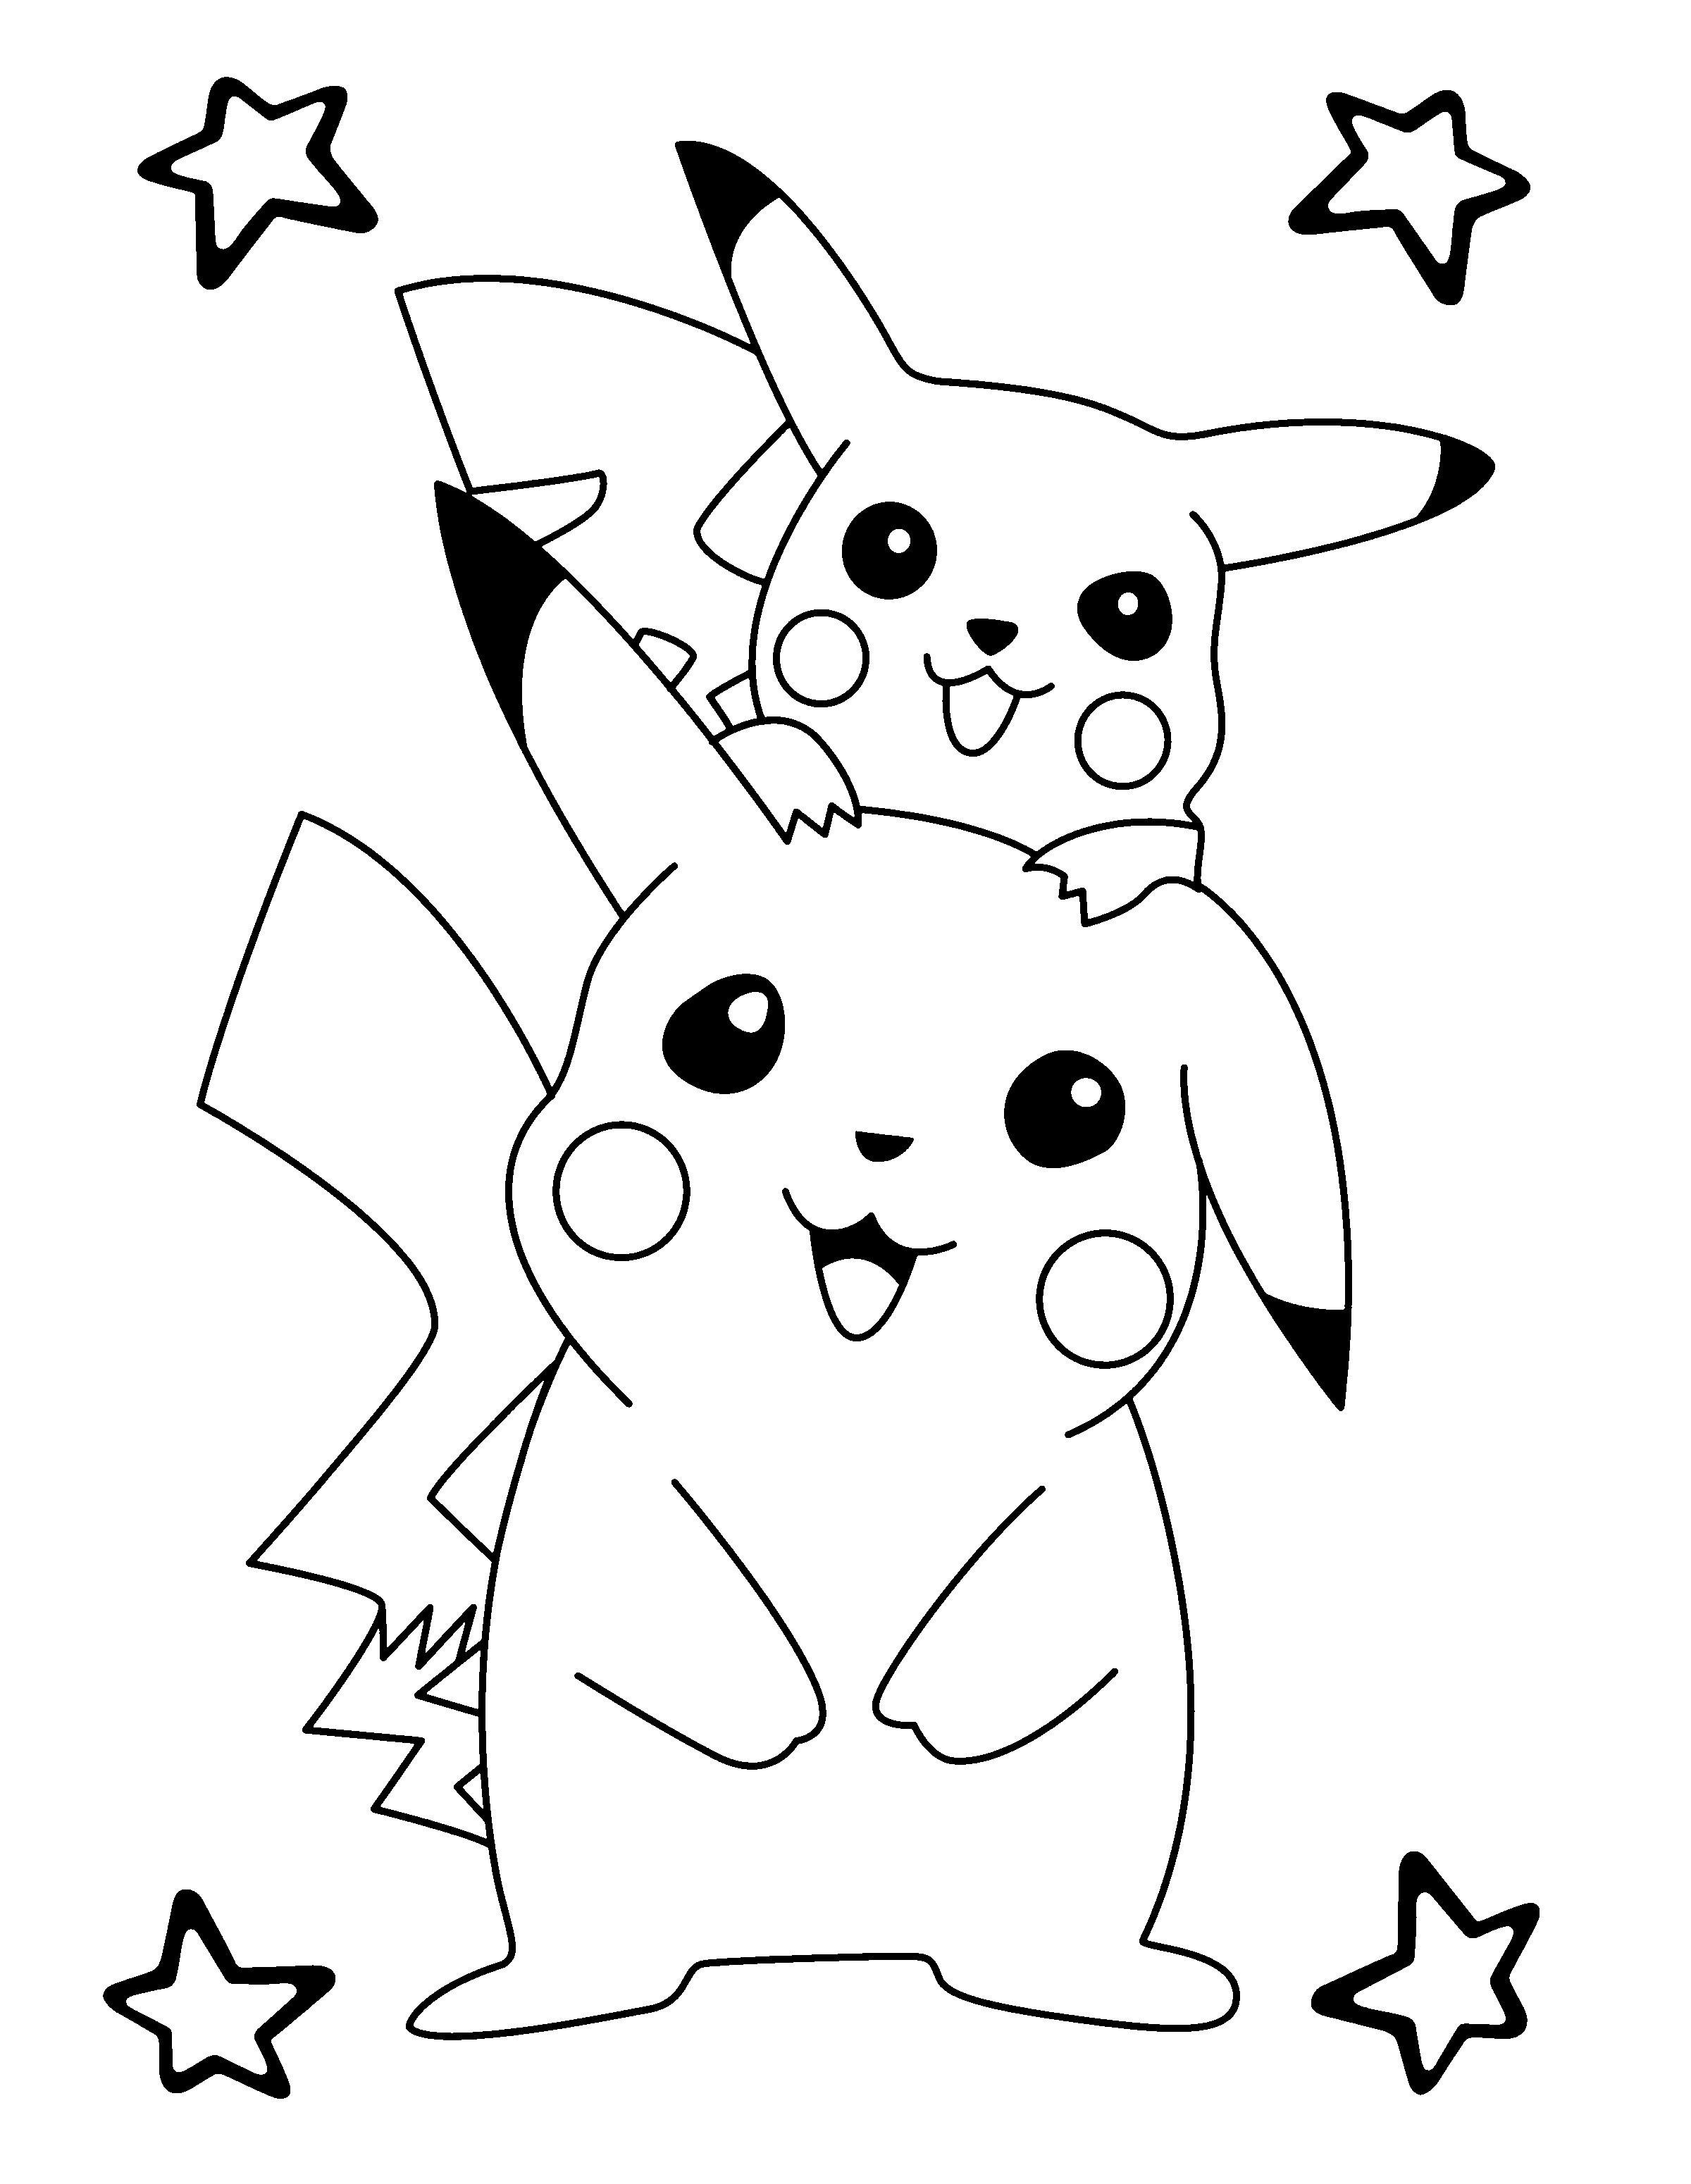 Ausmalbilder Pokemon Go Genial Kostenlose Ausmalbilder Pokemon Inspirierend 44 Frisch Essen Fotografieren